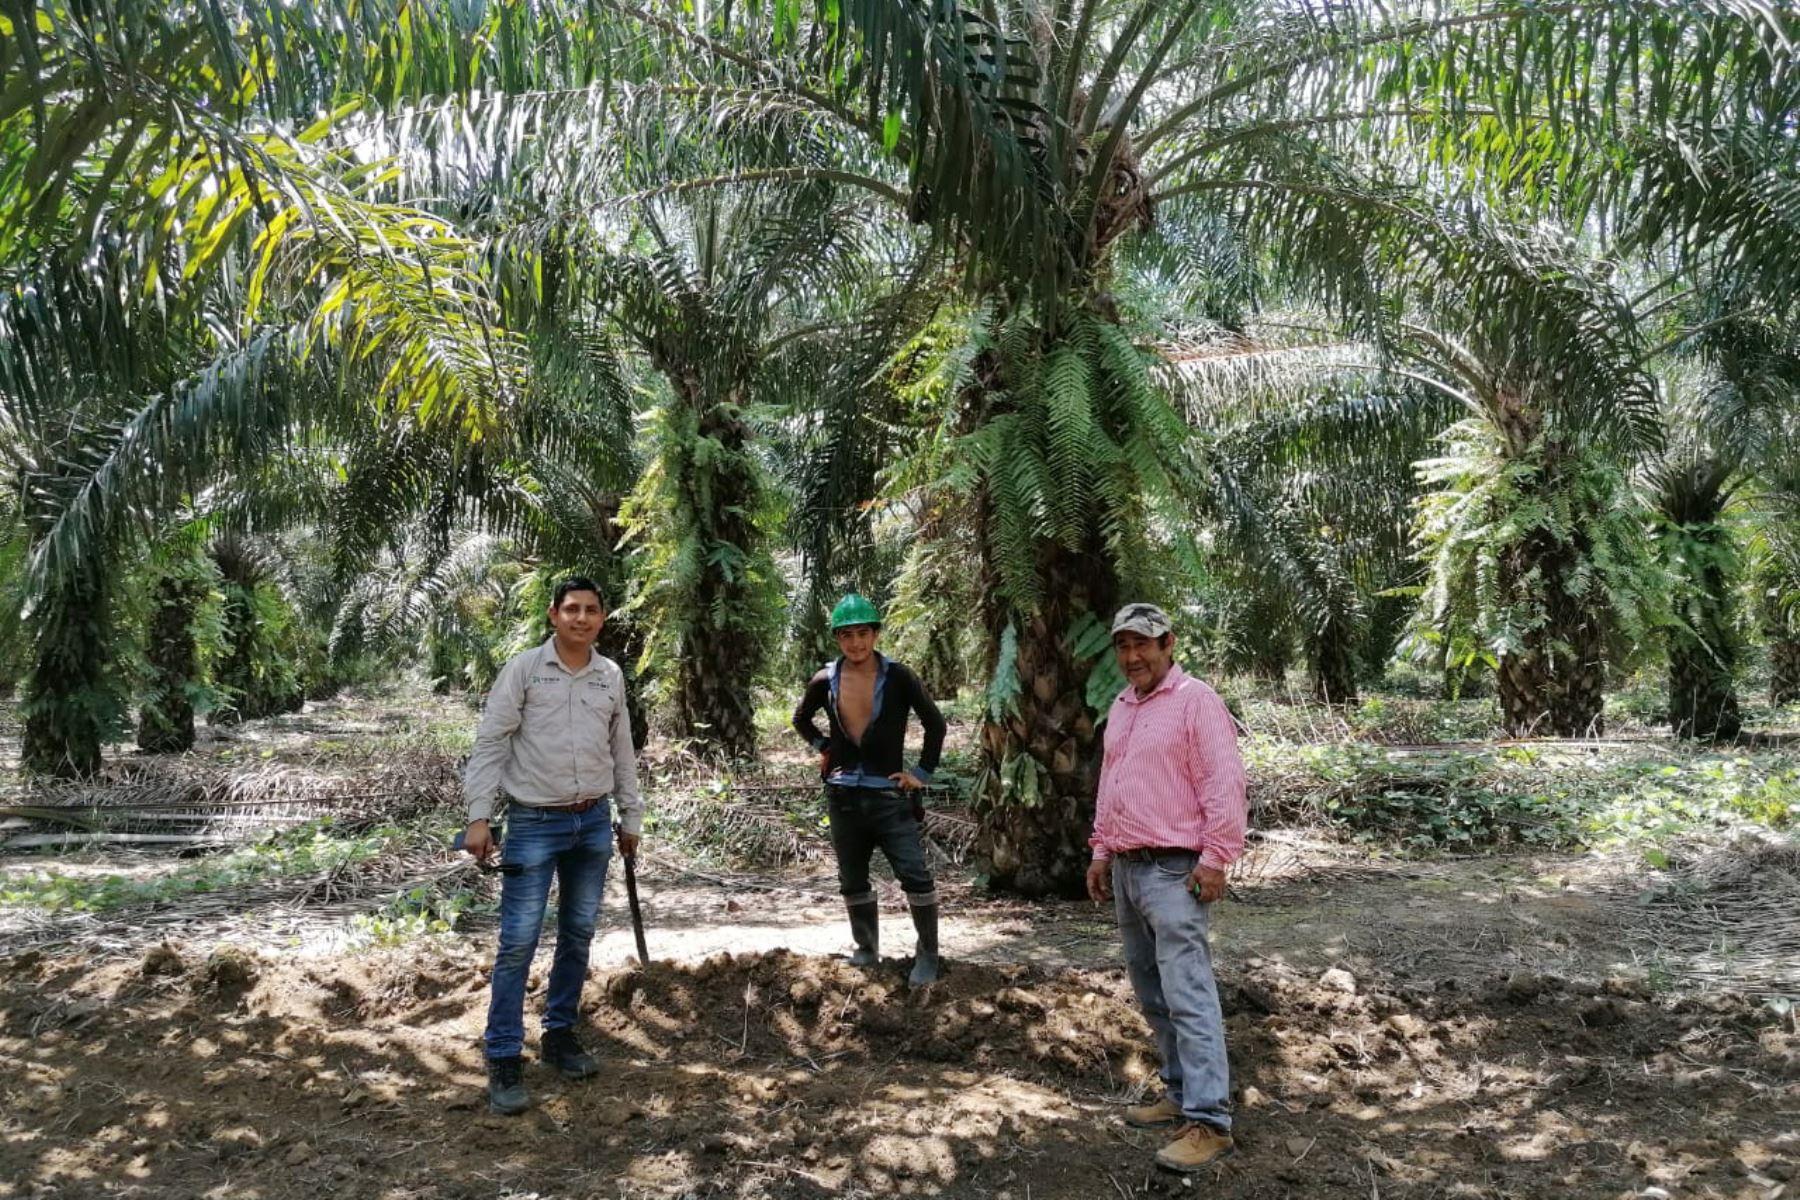 La estrategia es reducir la deforestación, conservar la biodiversidad y promover buenas prácticas en los cultivos de palma en la Amazonía peruana.ANDINA/Difusión